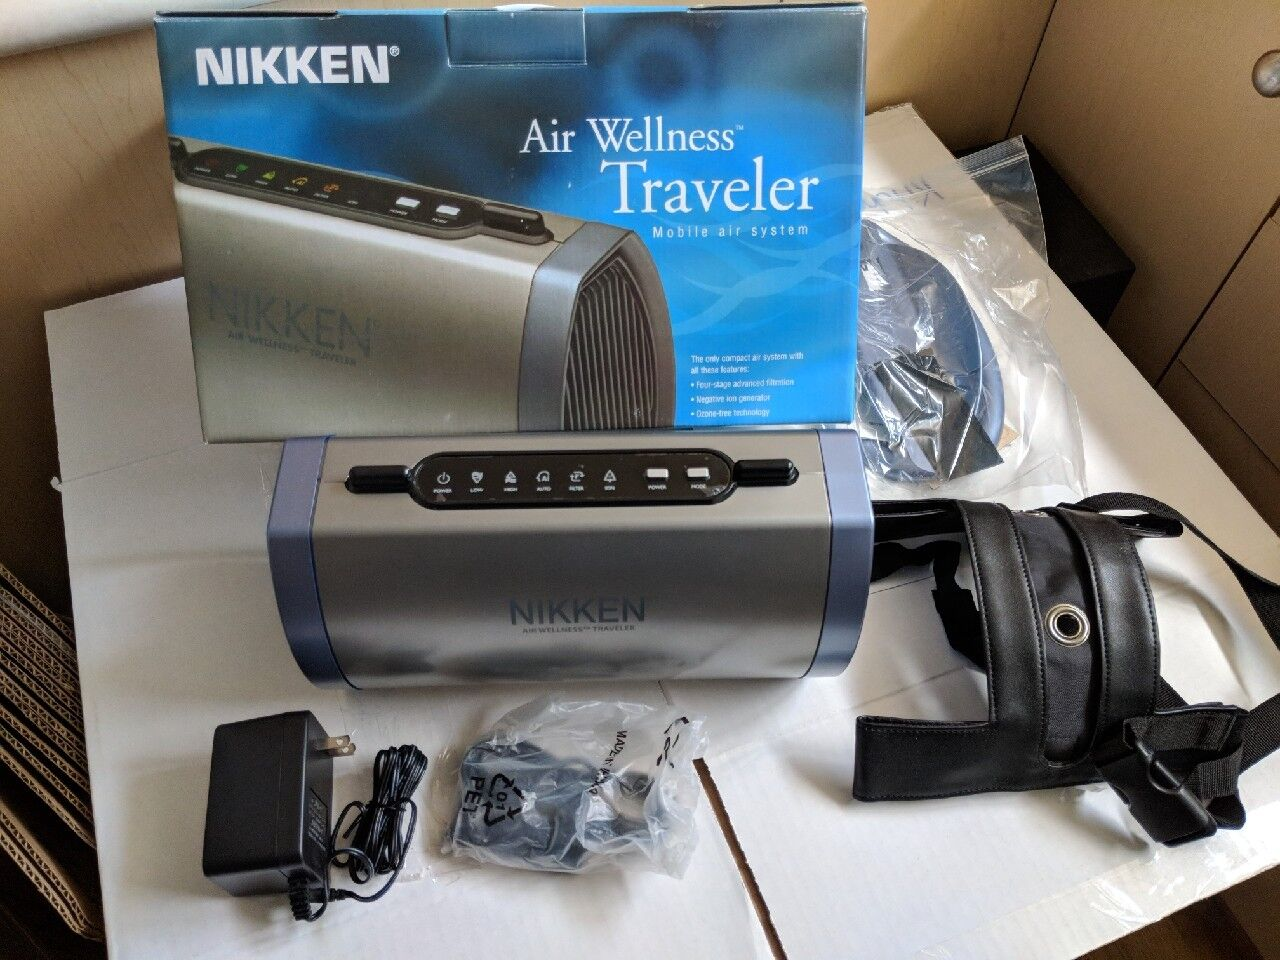 NIKKEN Air Wellness Traveler Mobile Air System // Never Used